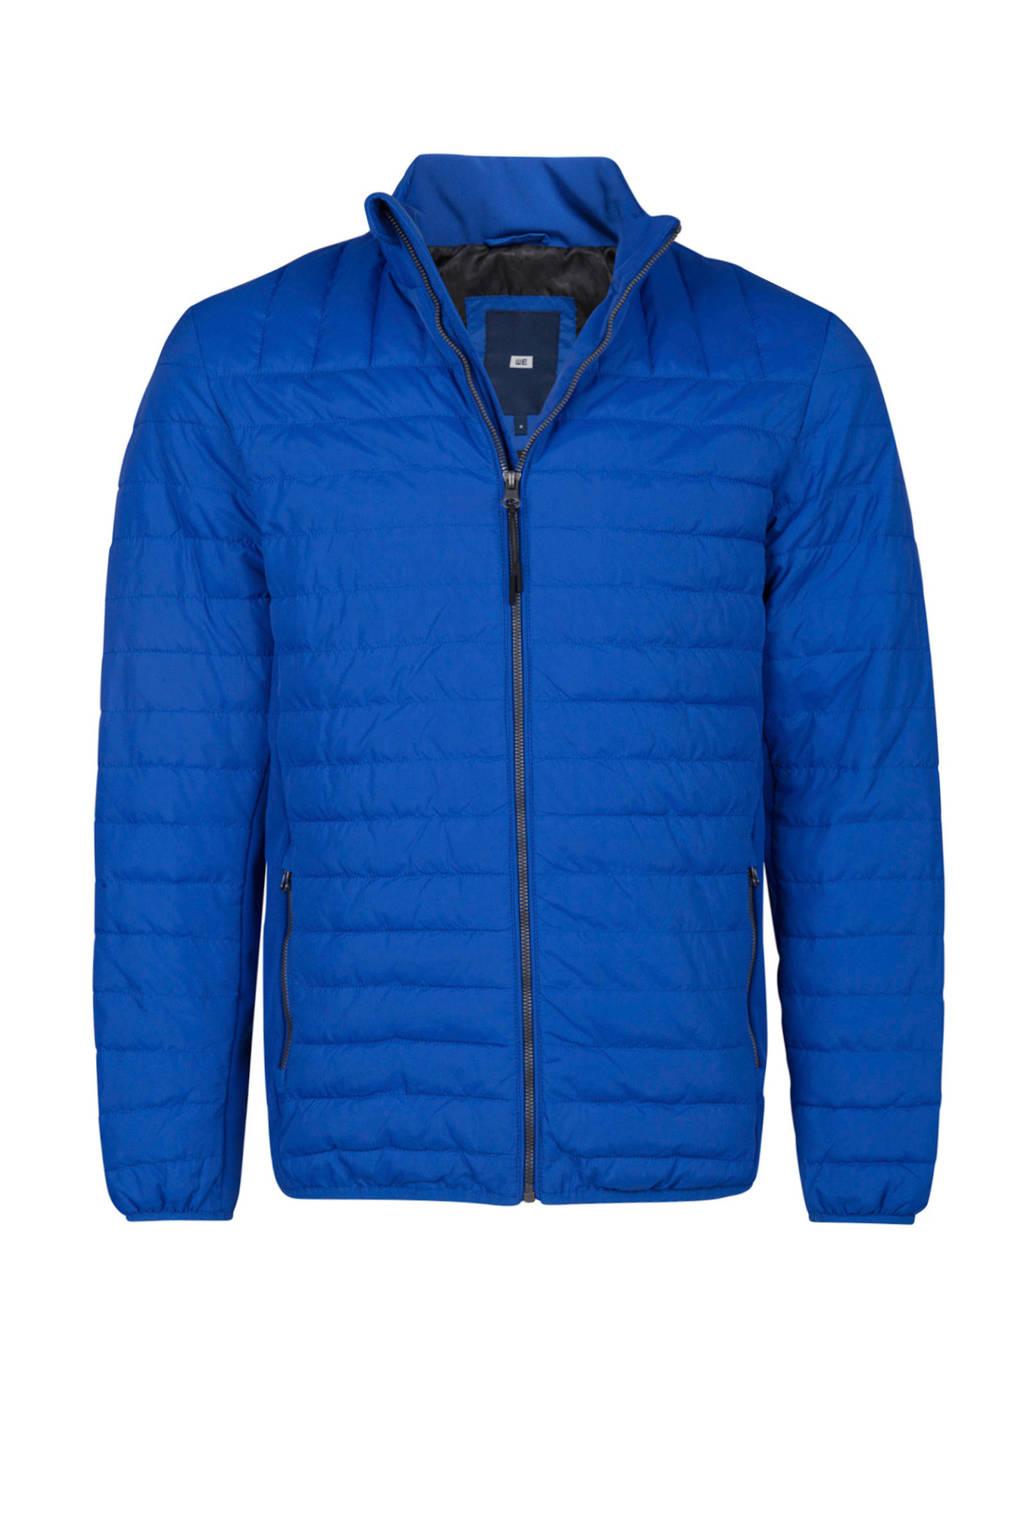 WE Fashion jas, Blauw